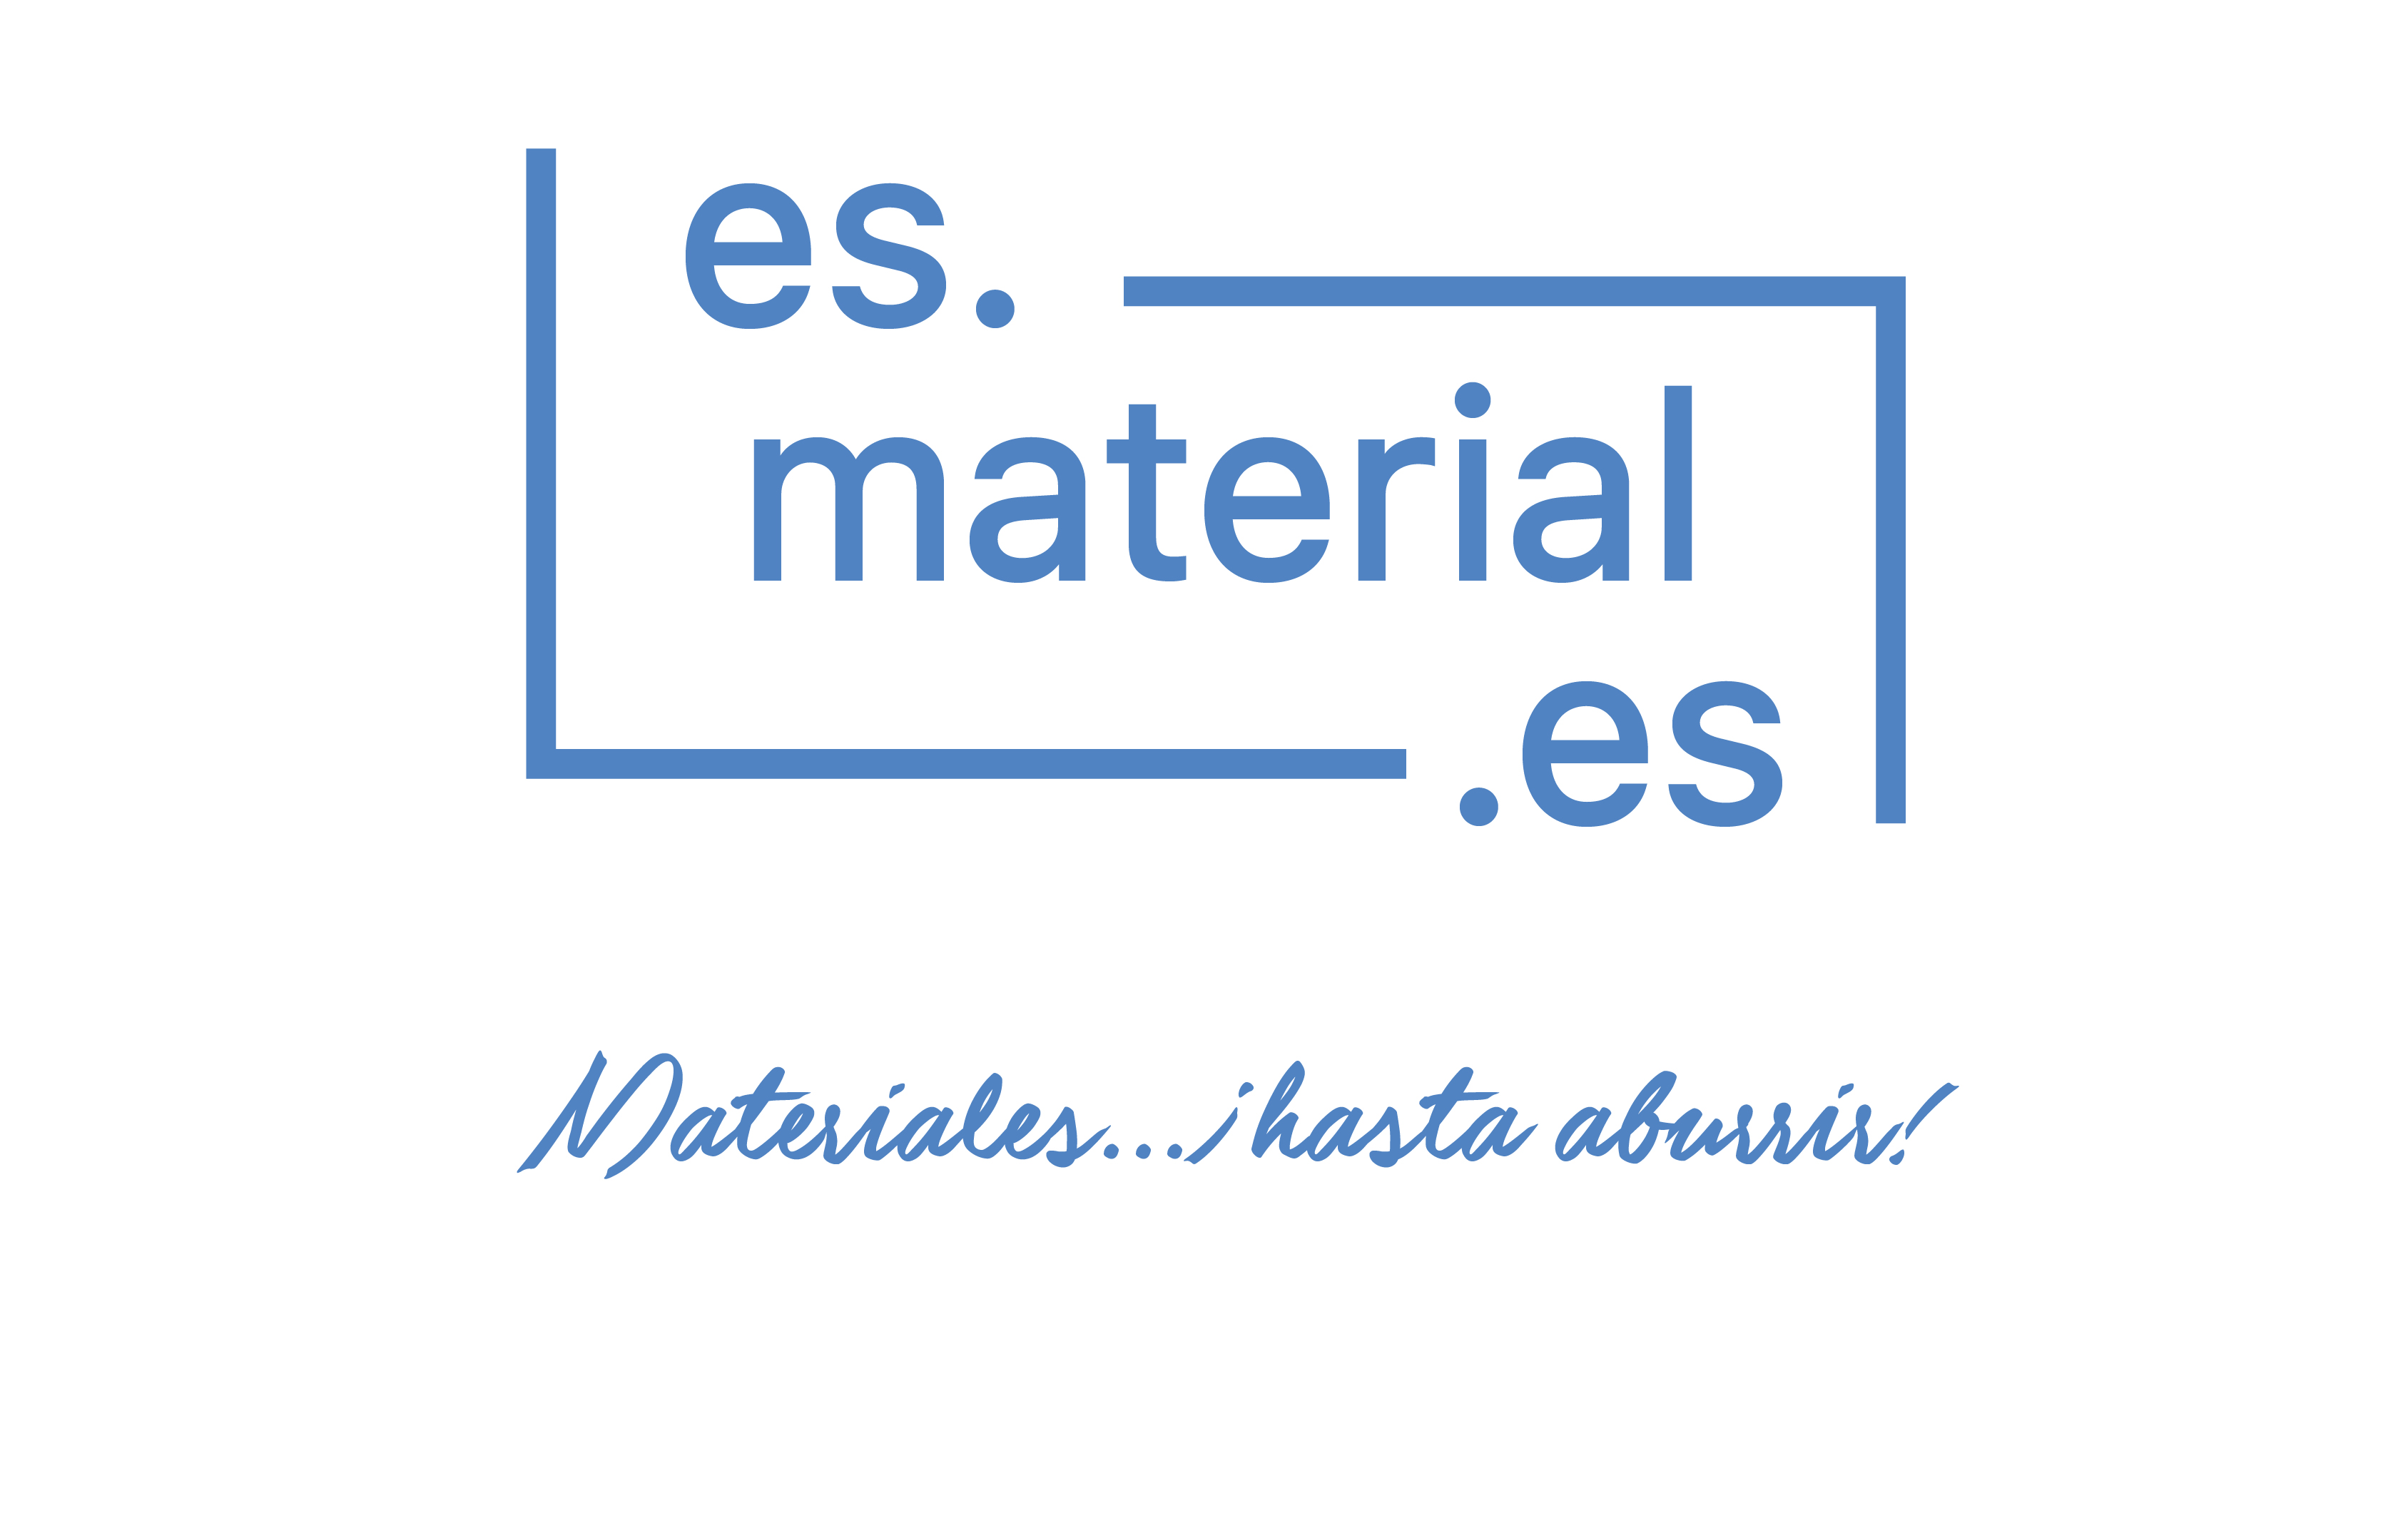 es.material.es